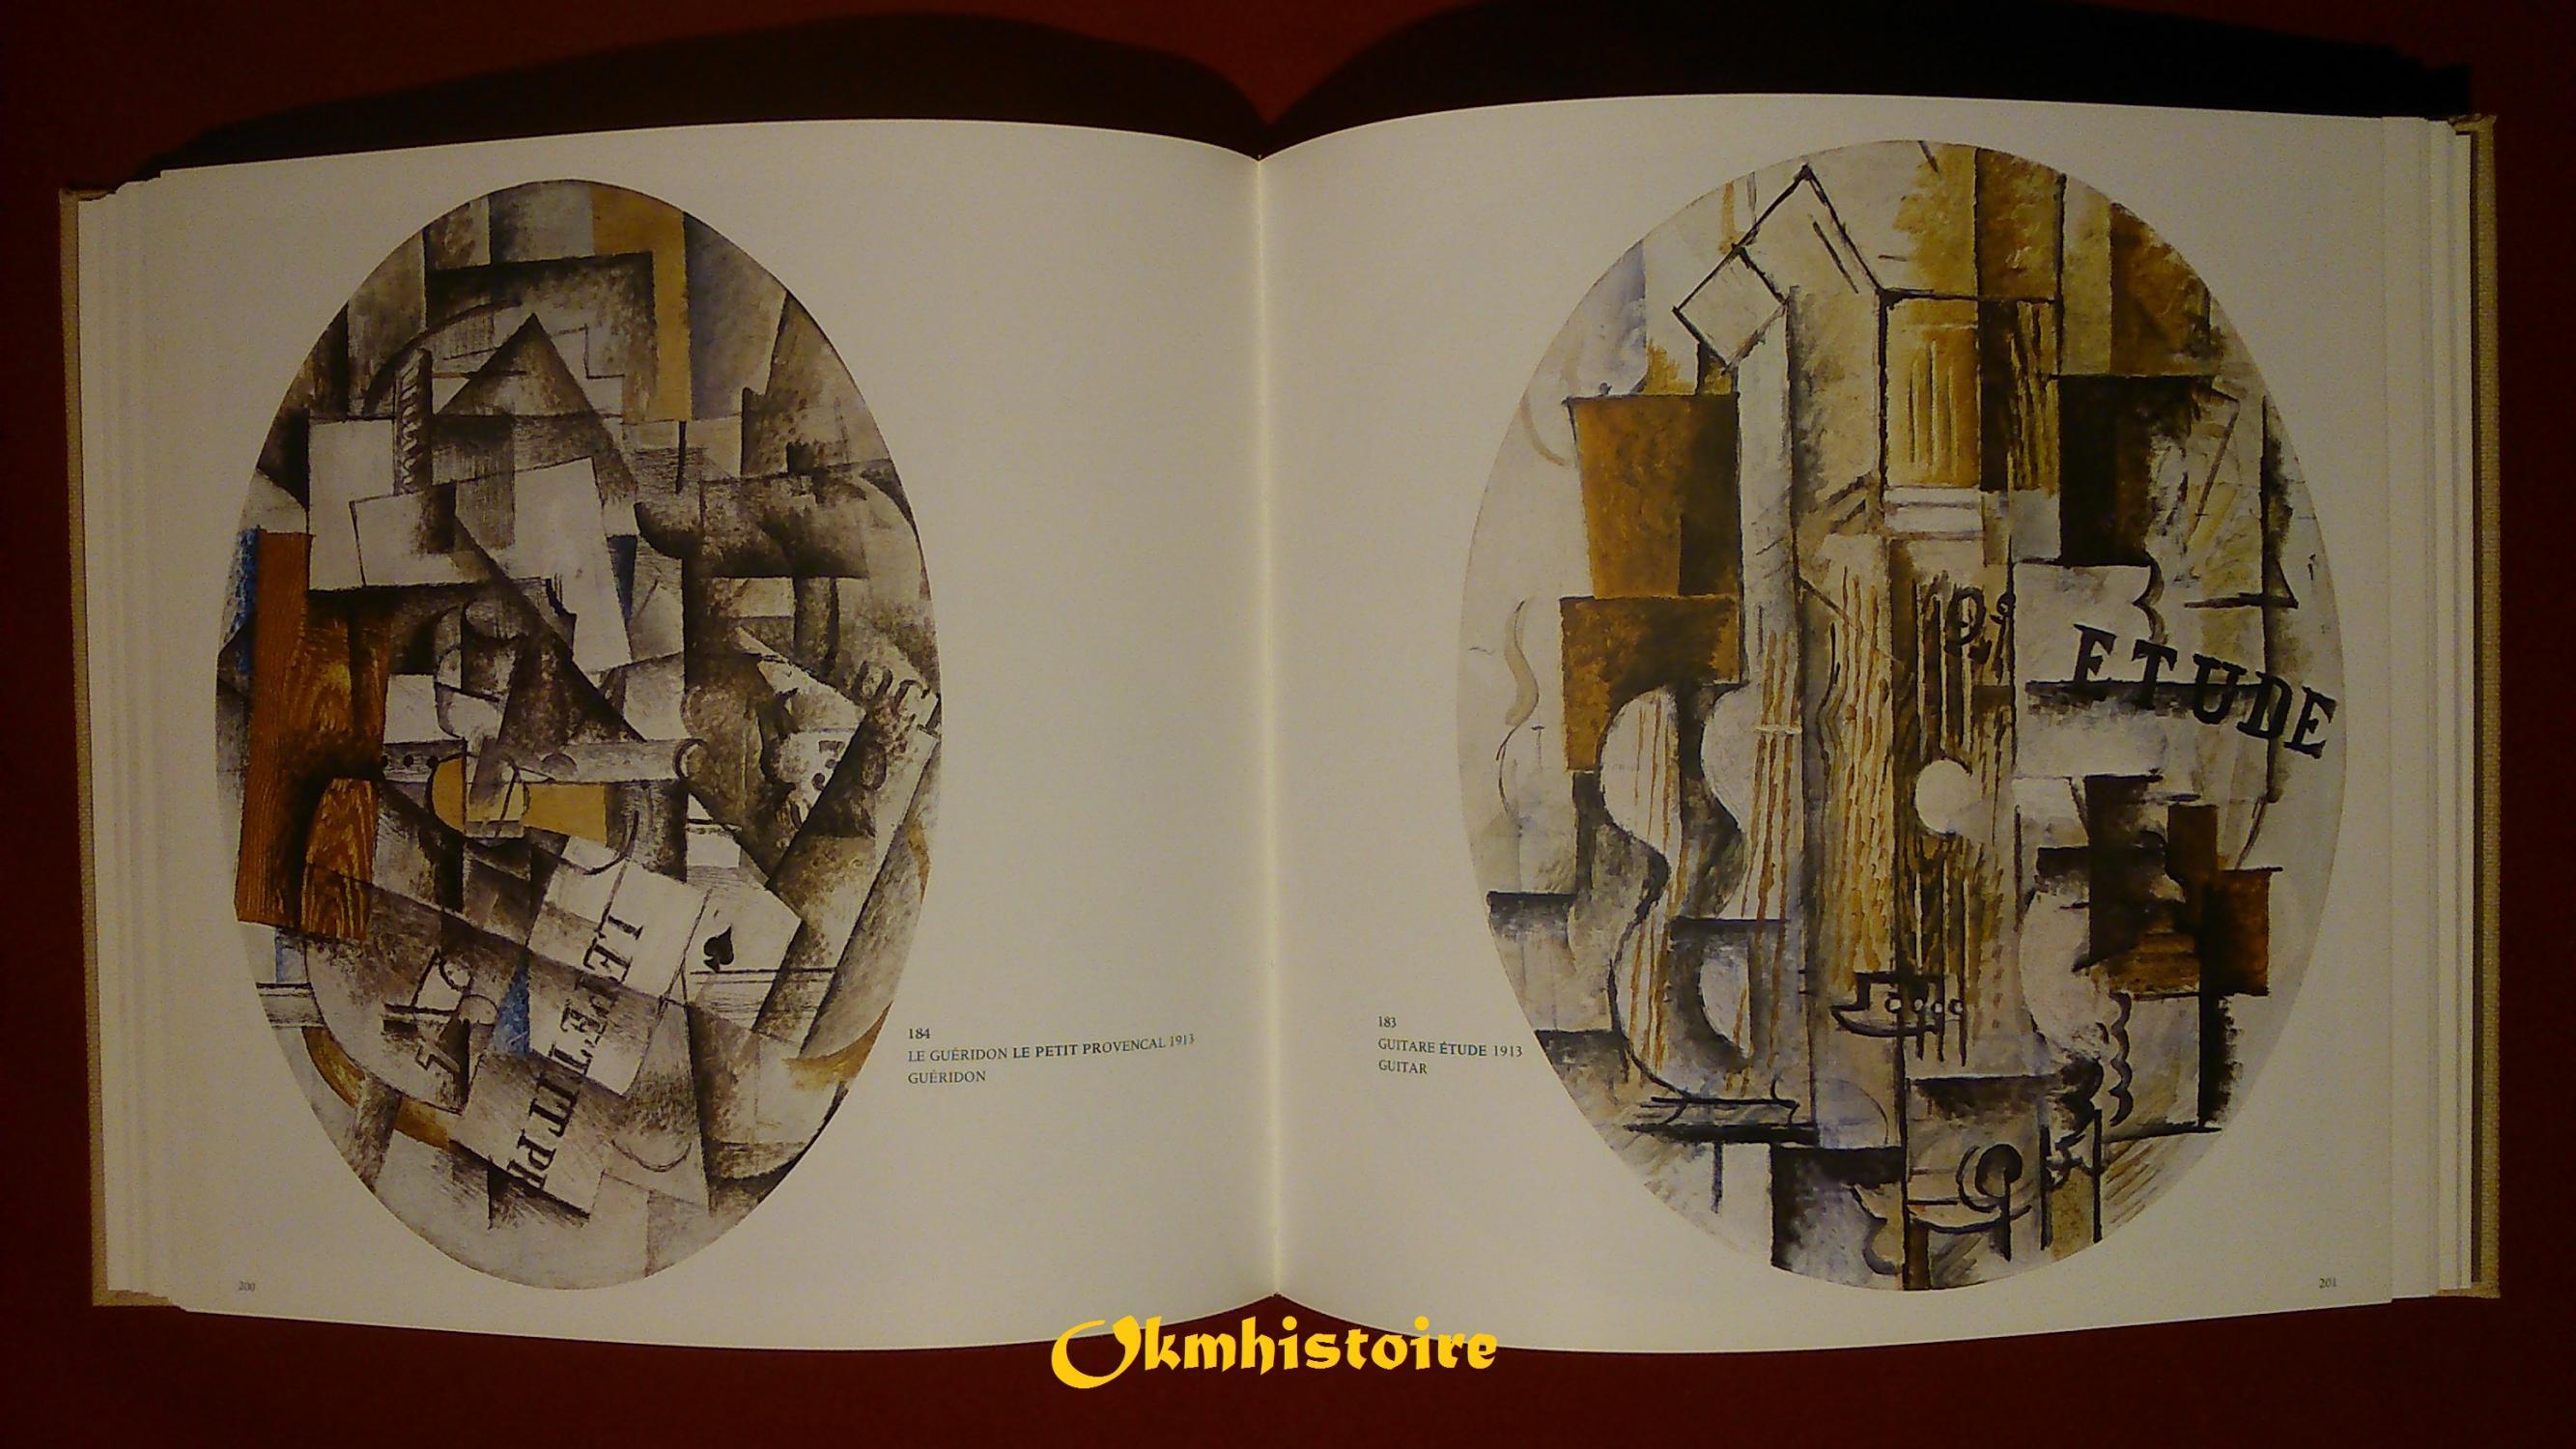 Braque le cubisme catalogue de l 39 oeuvre 1907 1914 par for Braque oeuvres